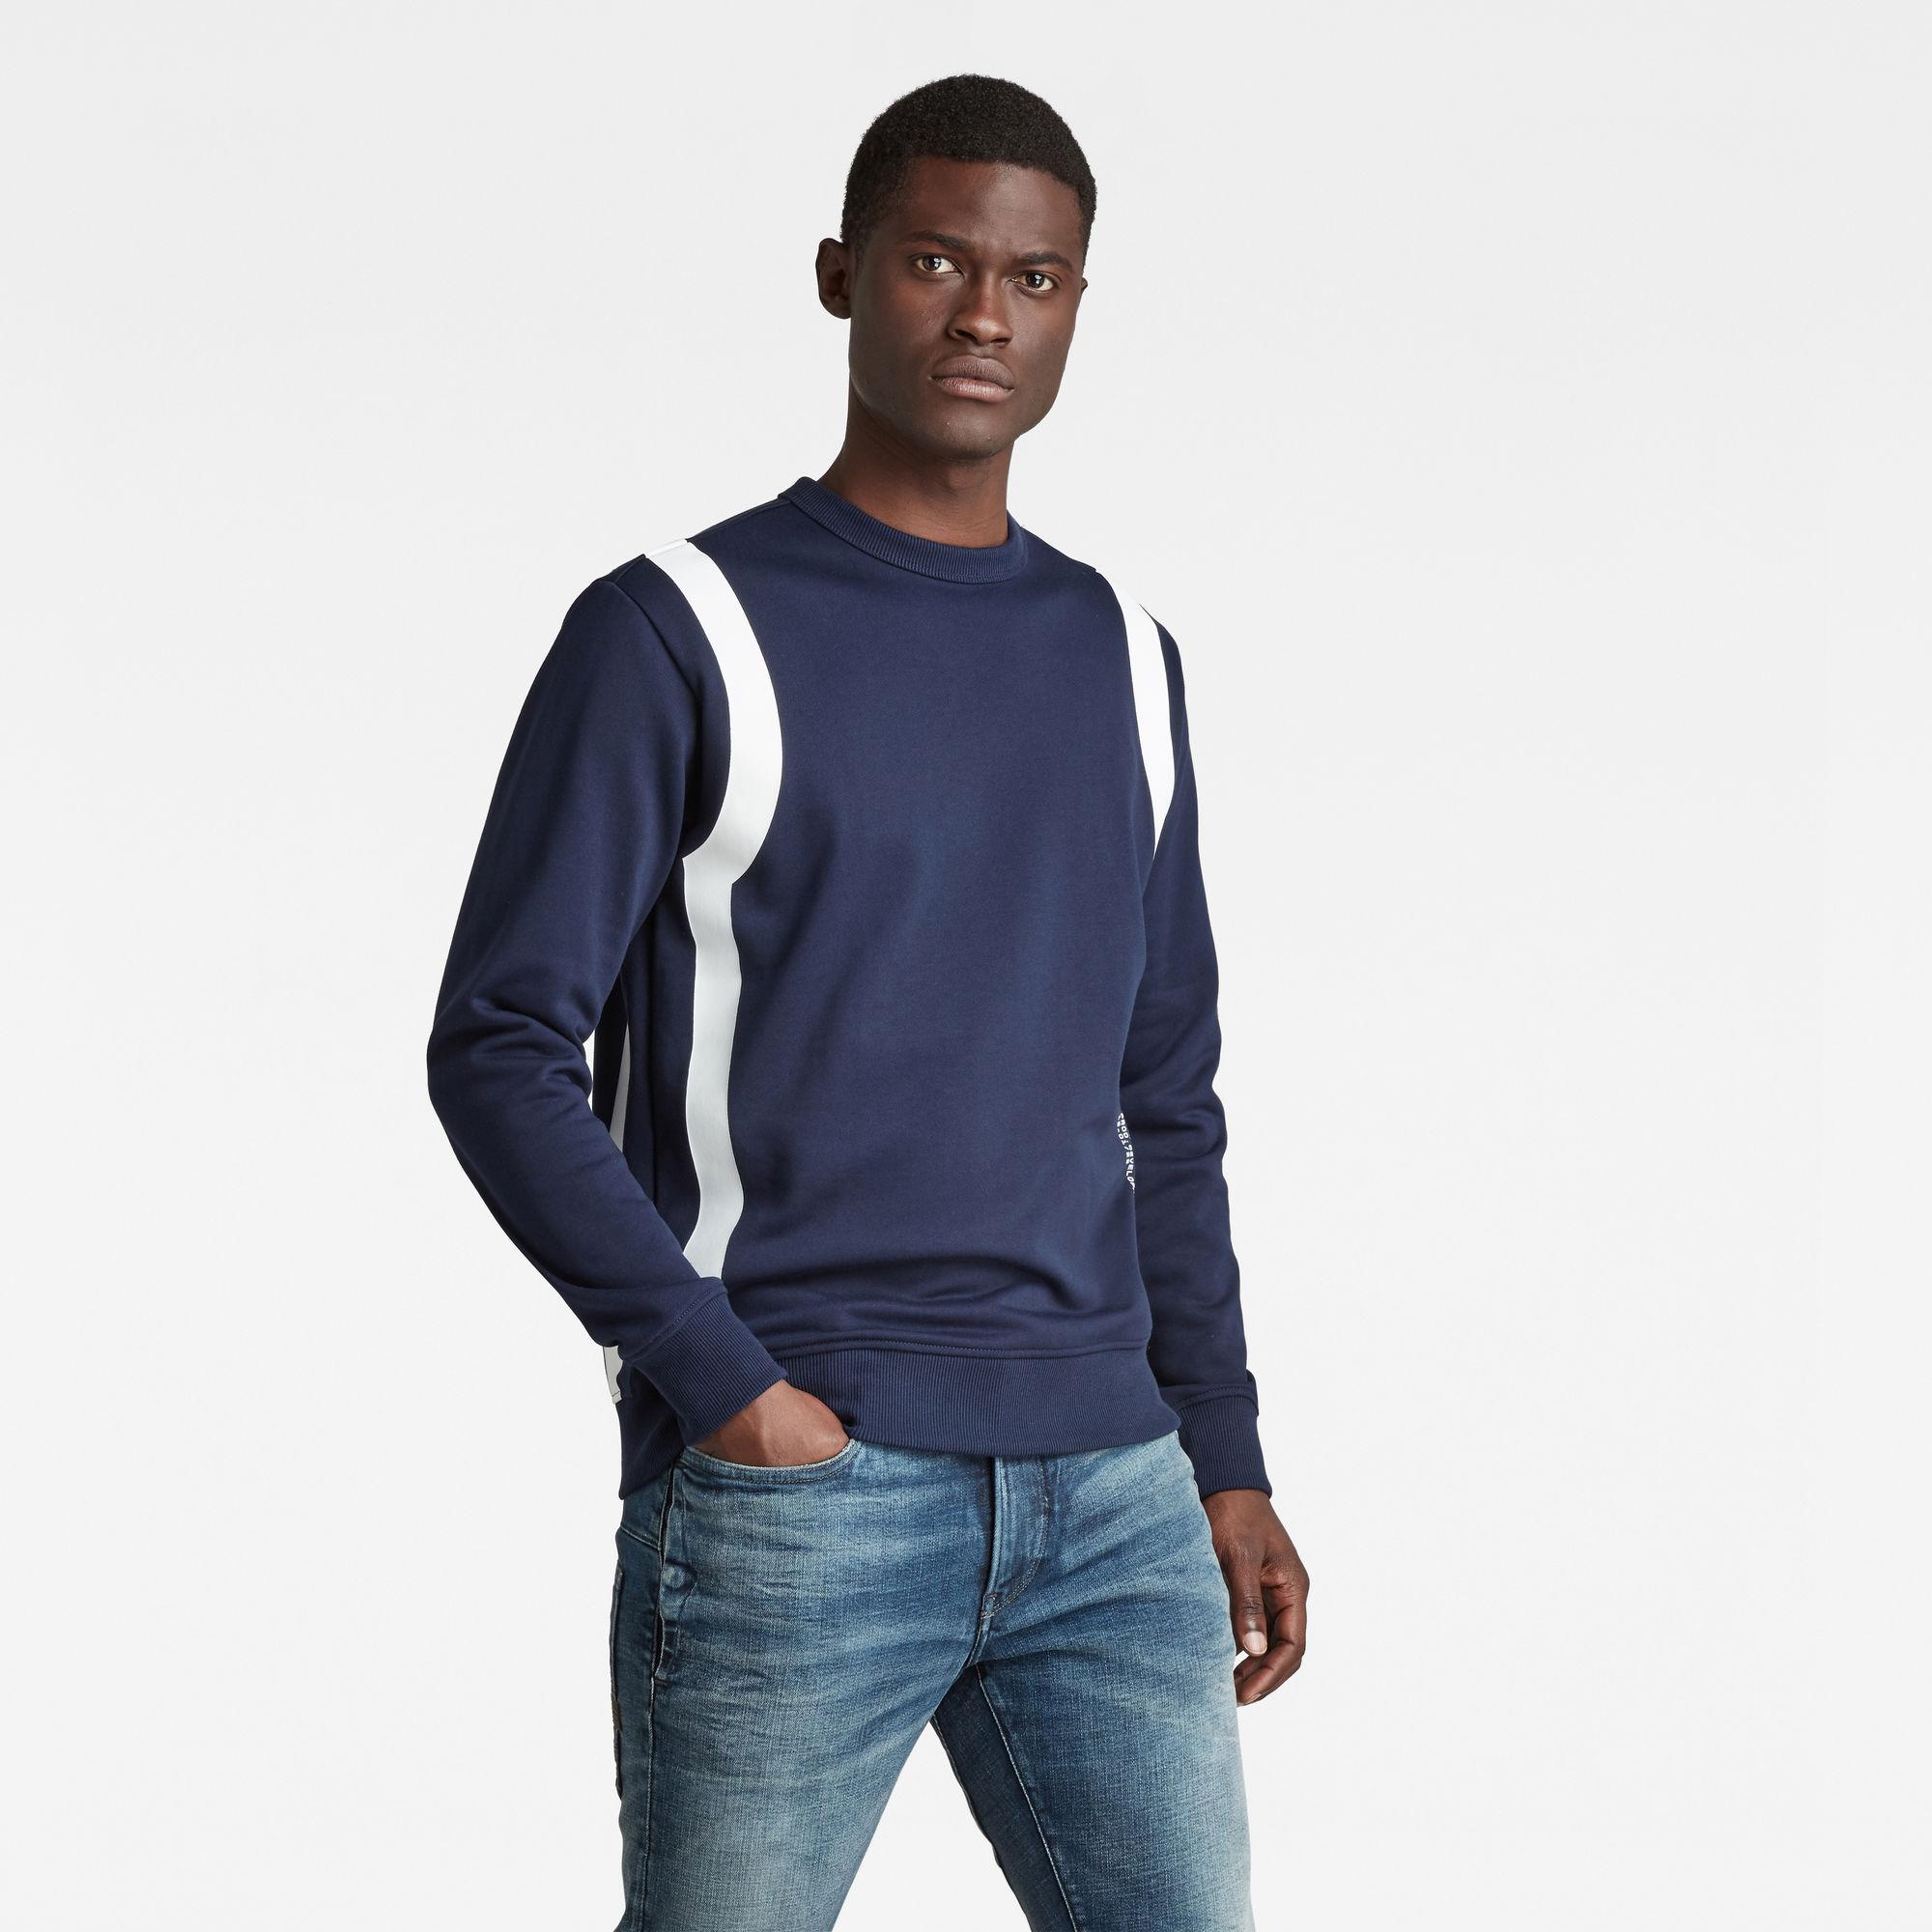 G-Star RAW Heren Sport Insert Sweater Donkerblauw